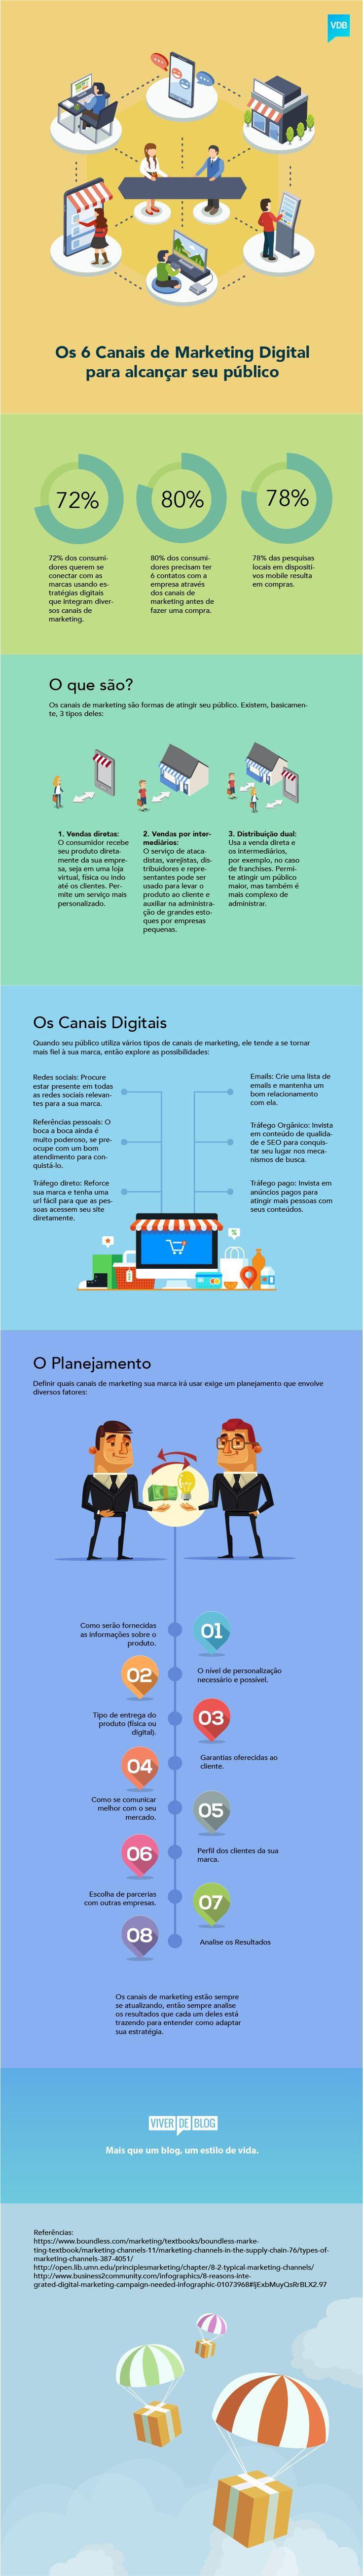 [Infográfico] Os 6 Principais Canais de Marketing Digital